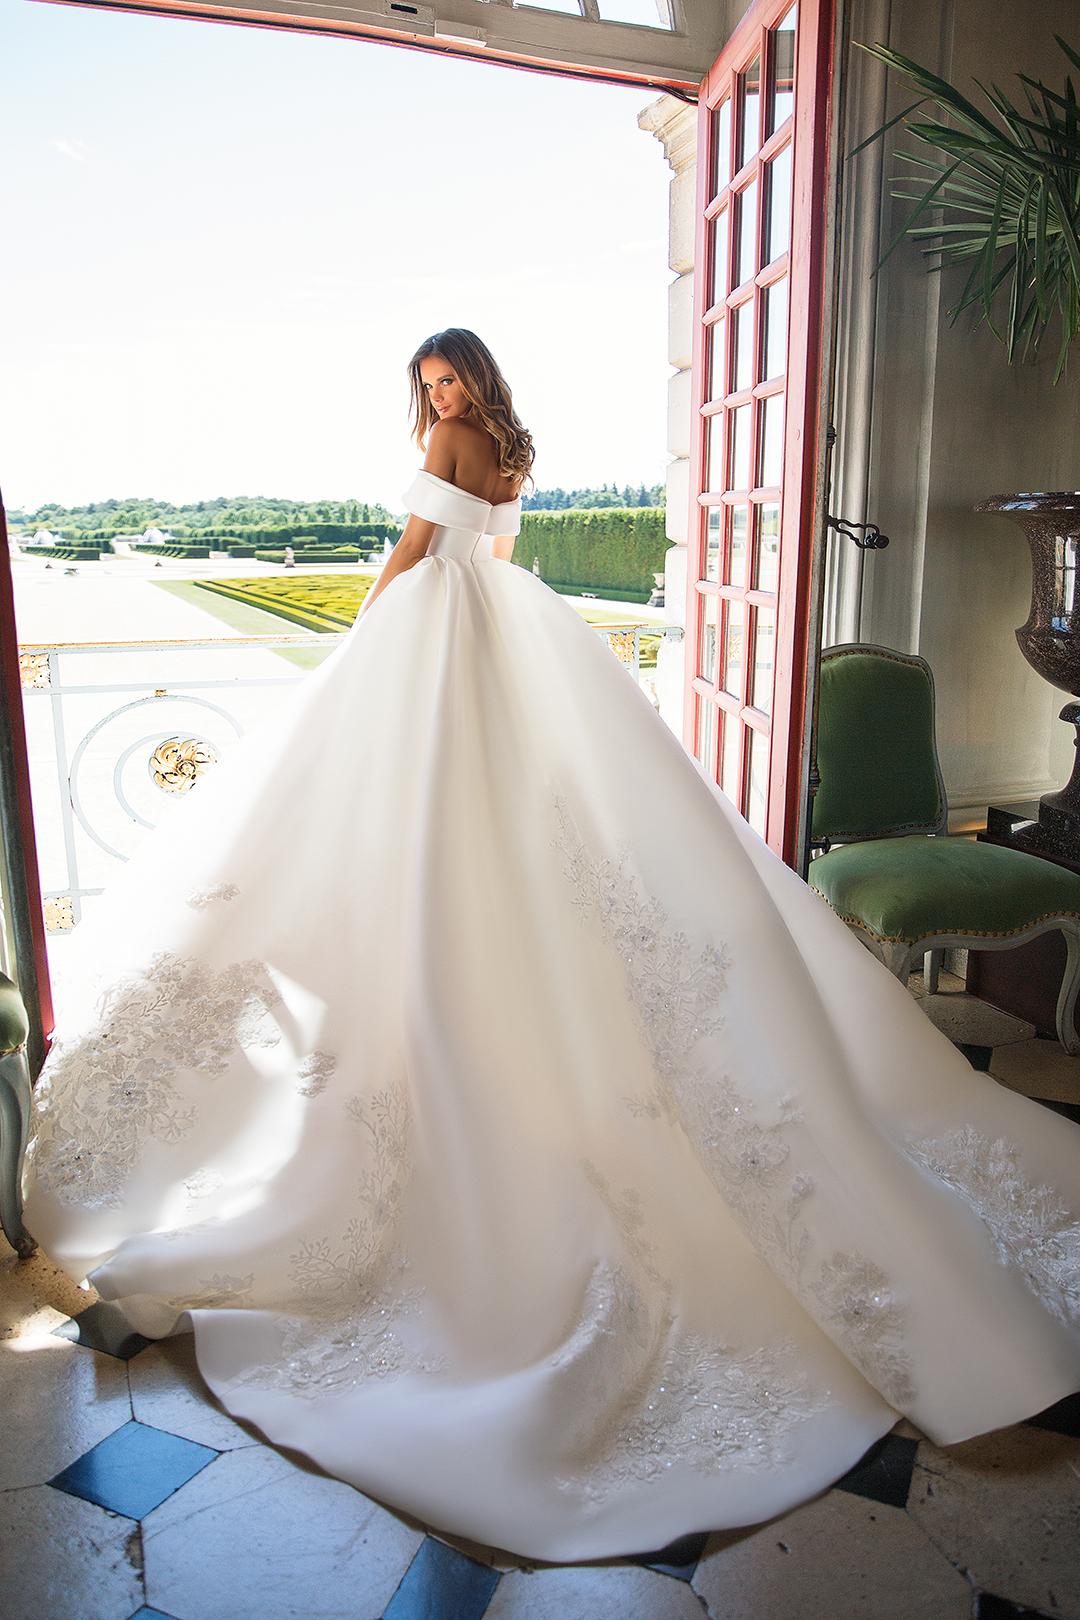 Millanova virginia abiti da sposa il giardino della sposa - Il giardino della sposa ...